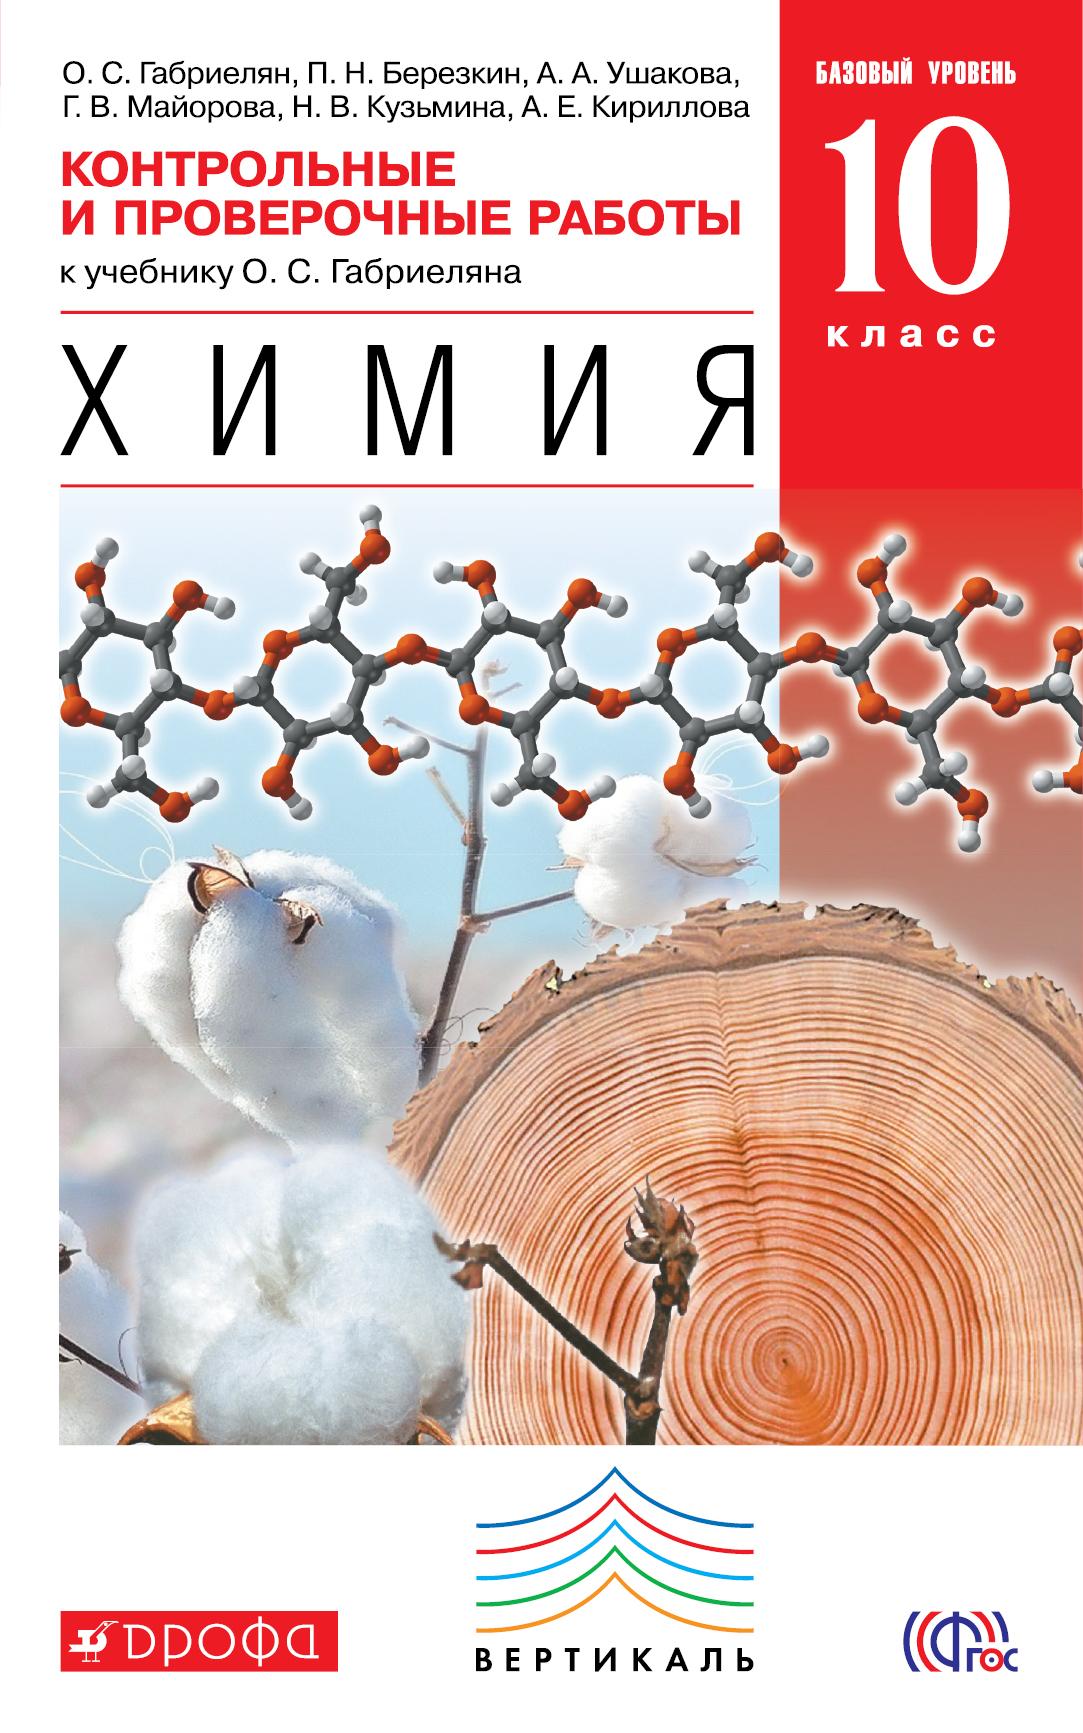 Химия, Базовый Уровень, 10 класс контрольные и проверочные Работы